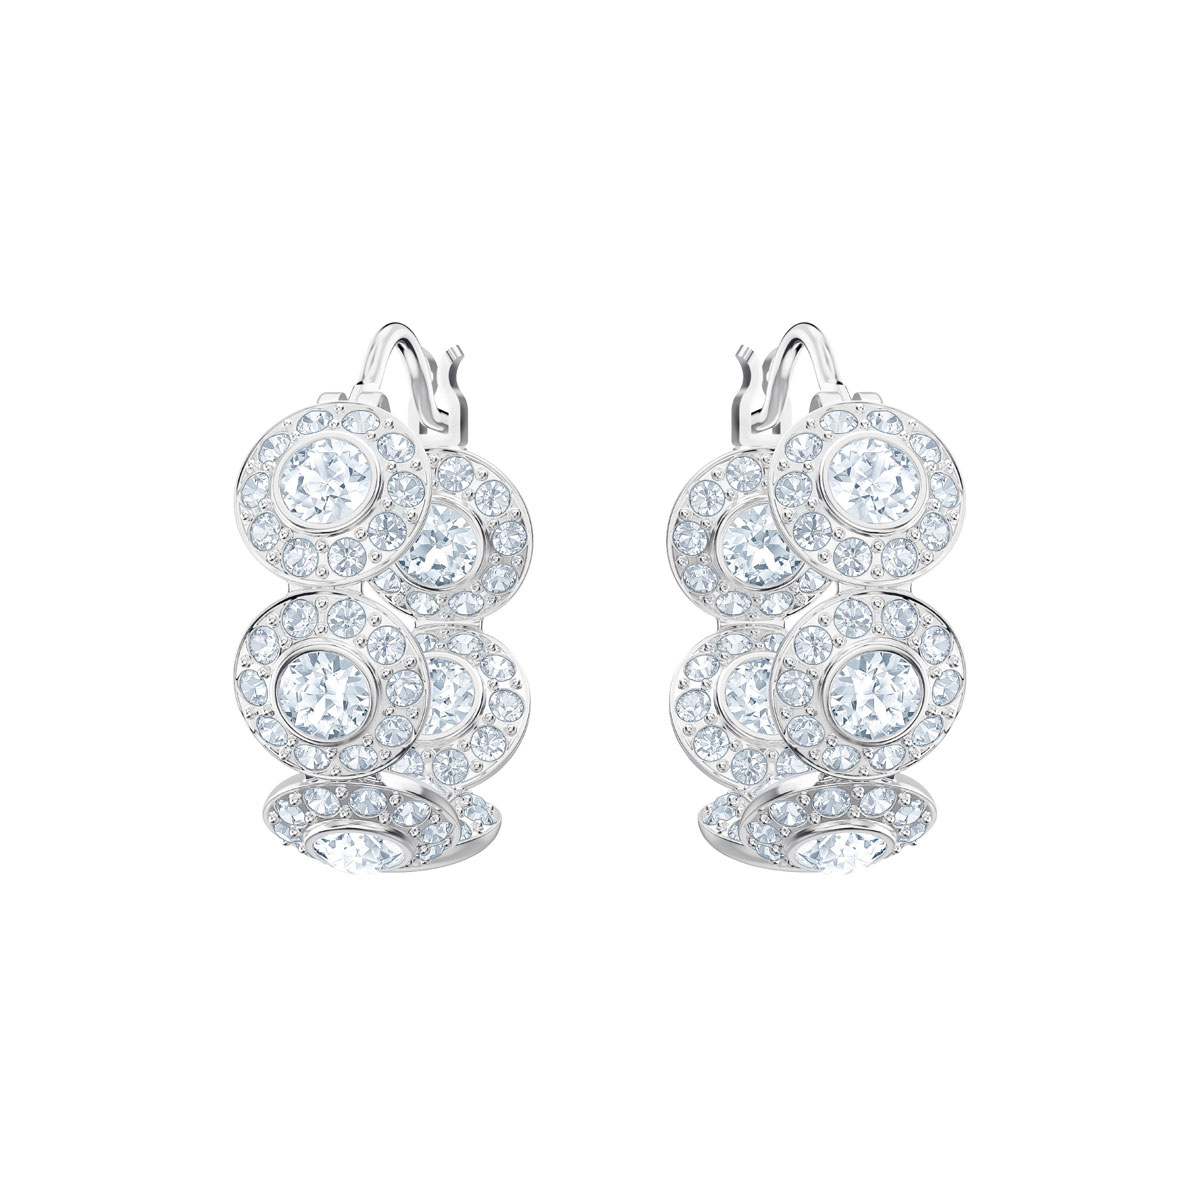 Swarovski Angelic Crystal and Rhodium Hoop Pierced Earrings Pair